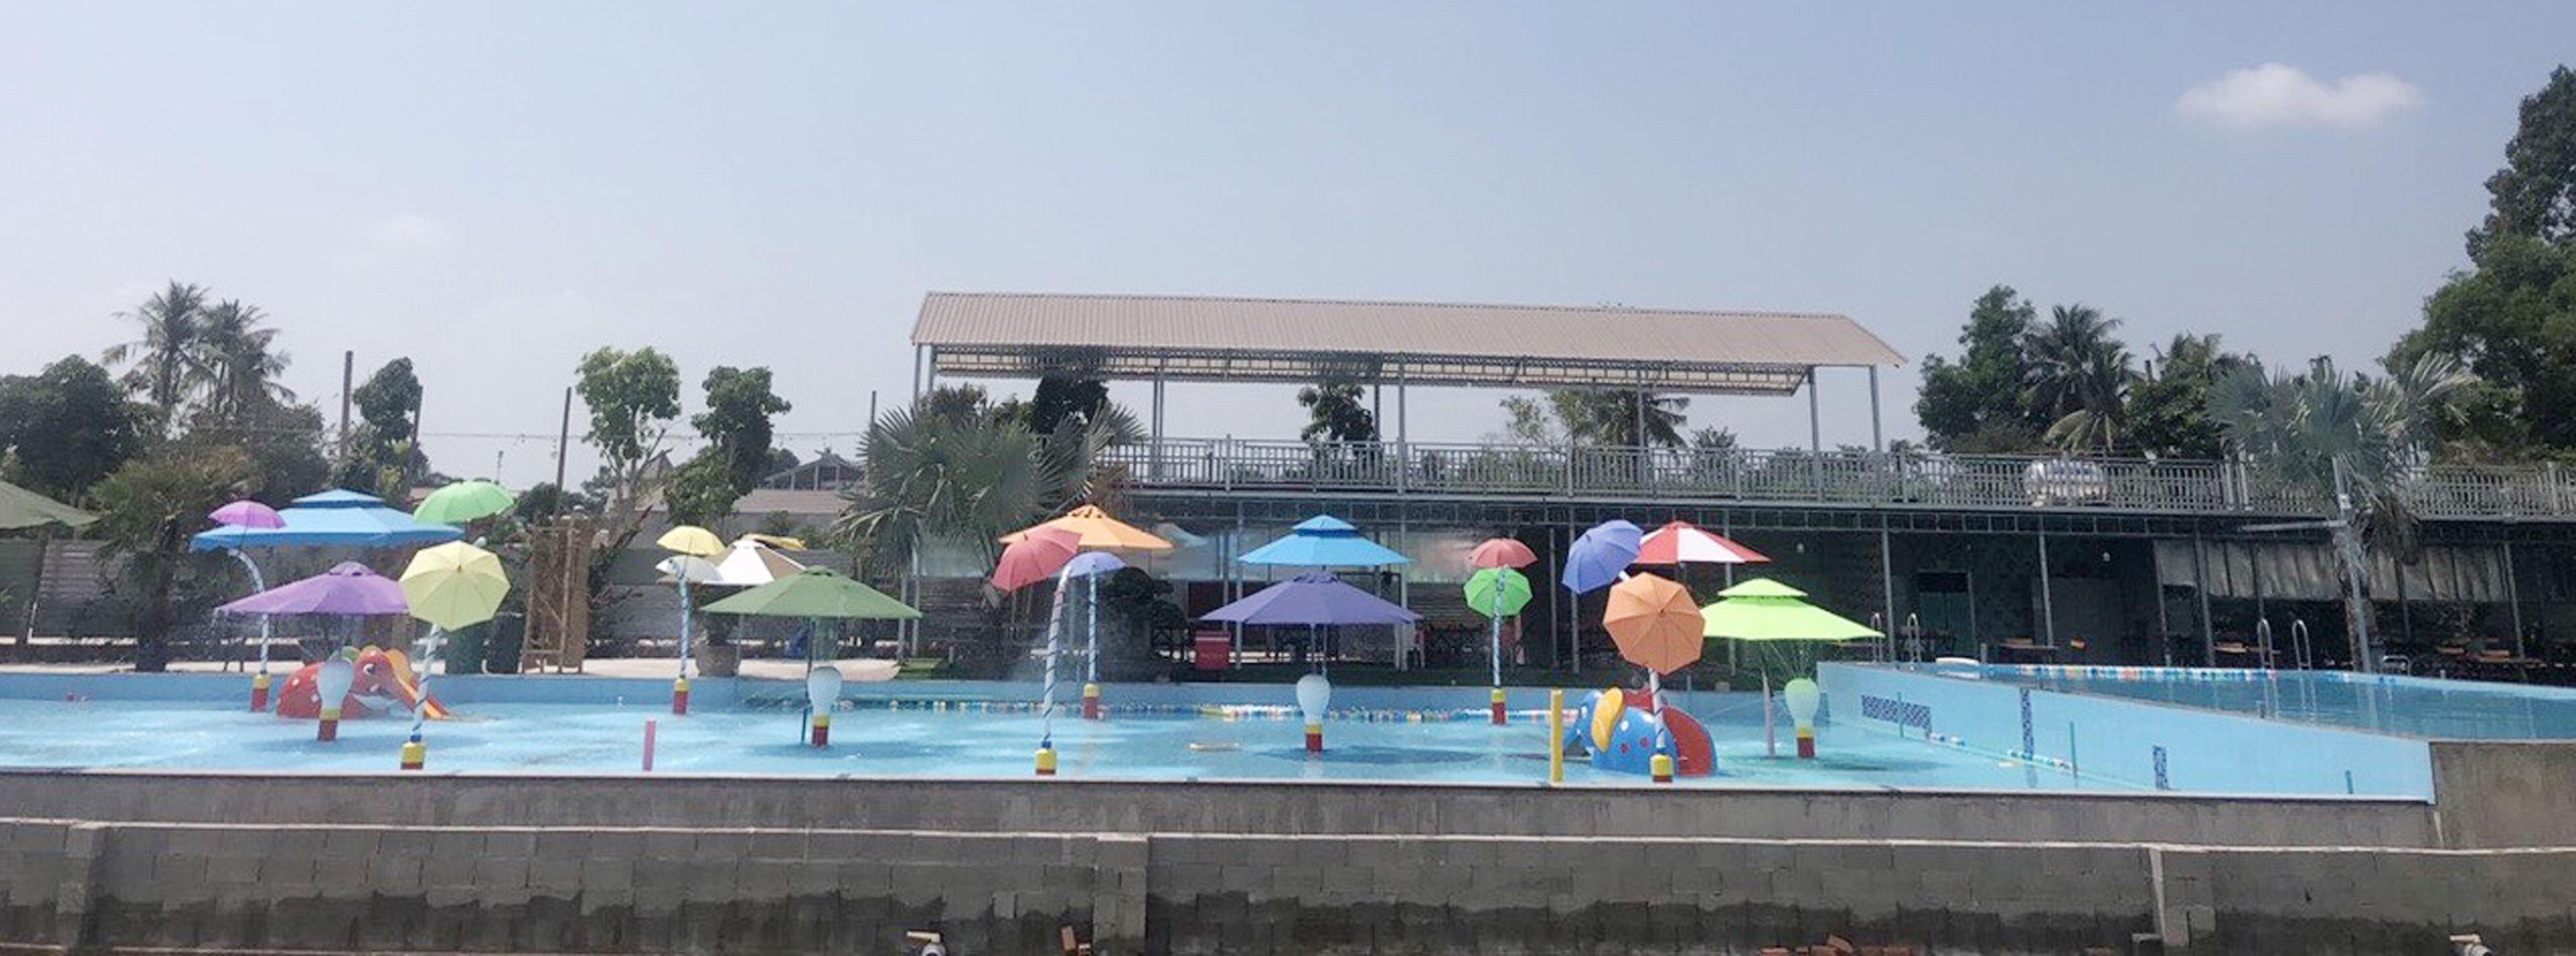 Phân phối số lượng lớn dù che nắng bãi biển hồ bơi resort giá rẻ